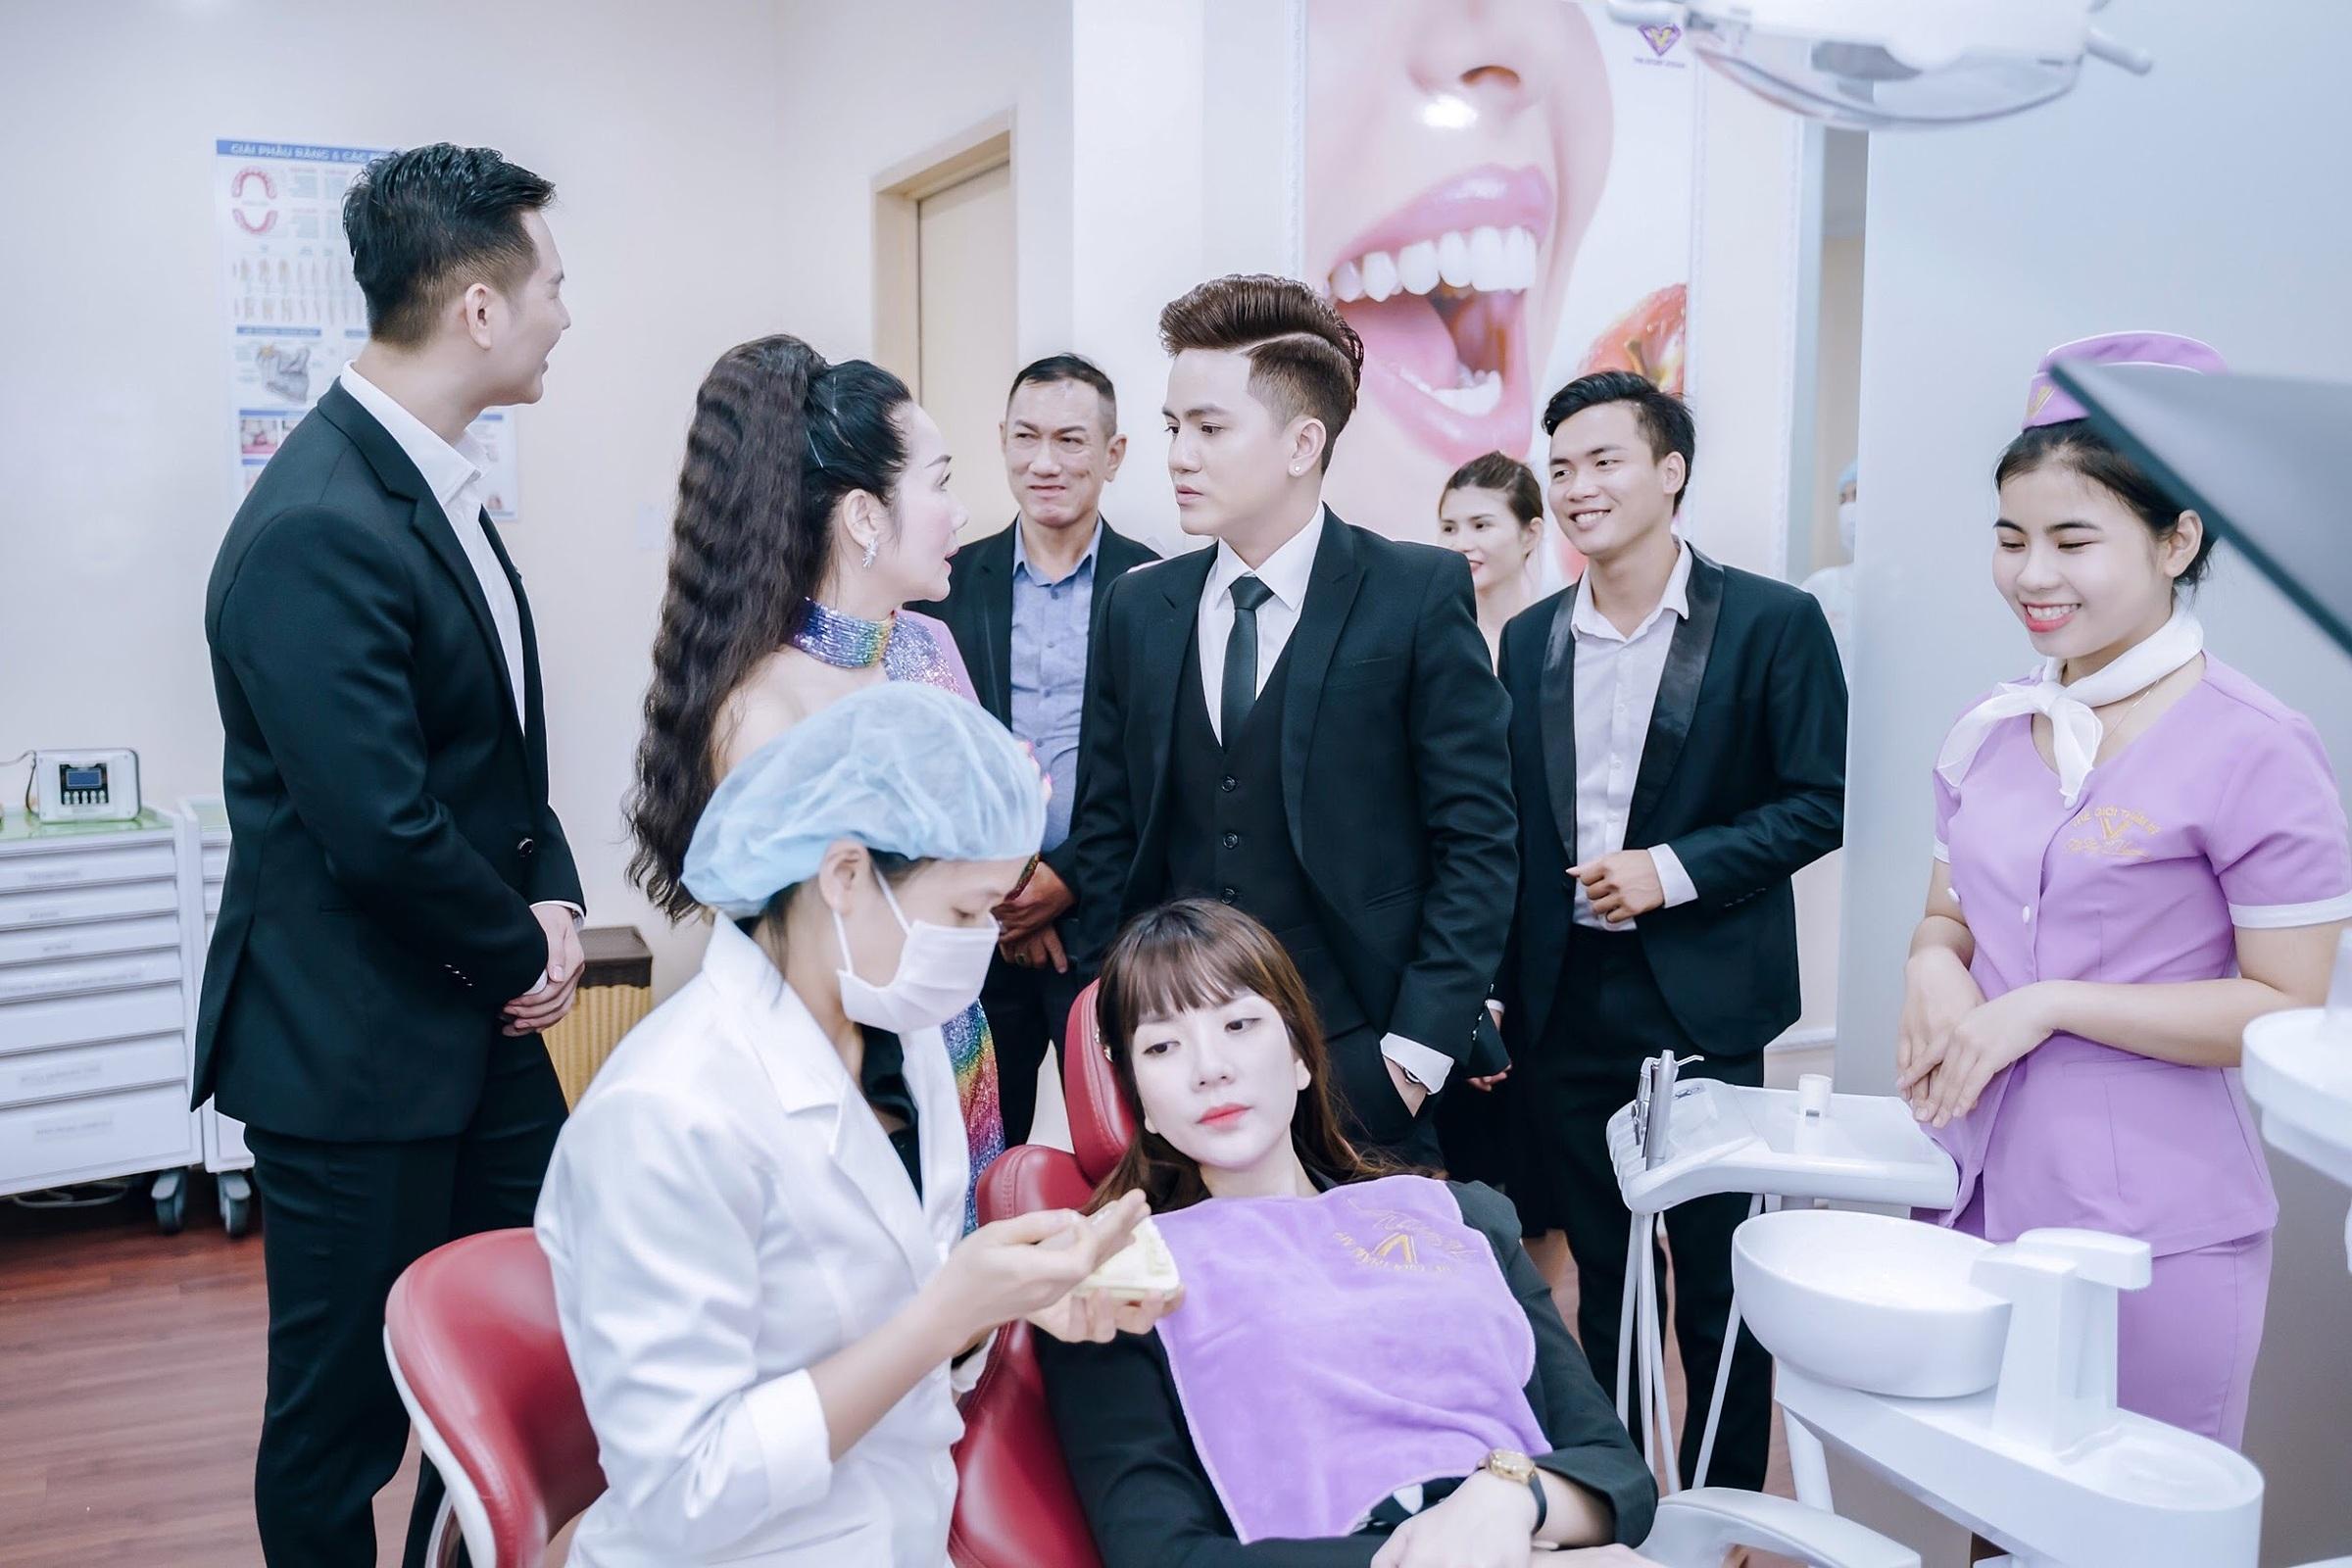 Ca sĩ Khưu Huy Vũ tham quan cơ sở làm đẹp tại  Vivian Group.